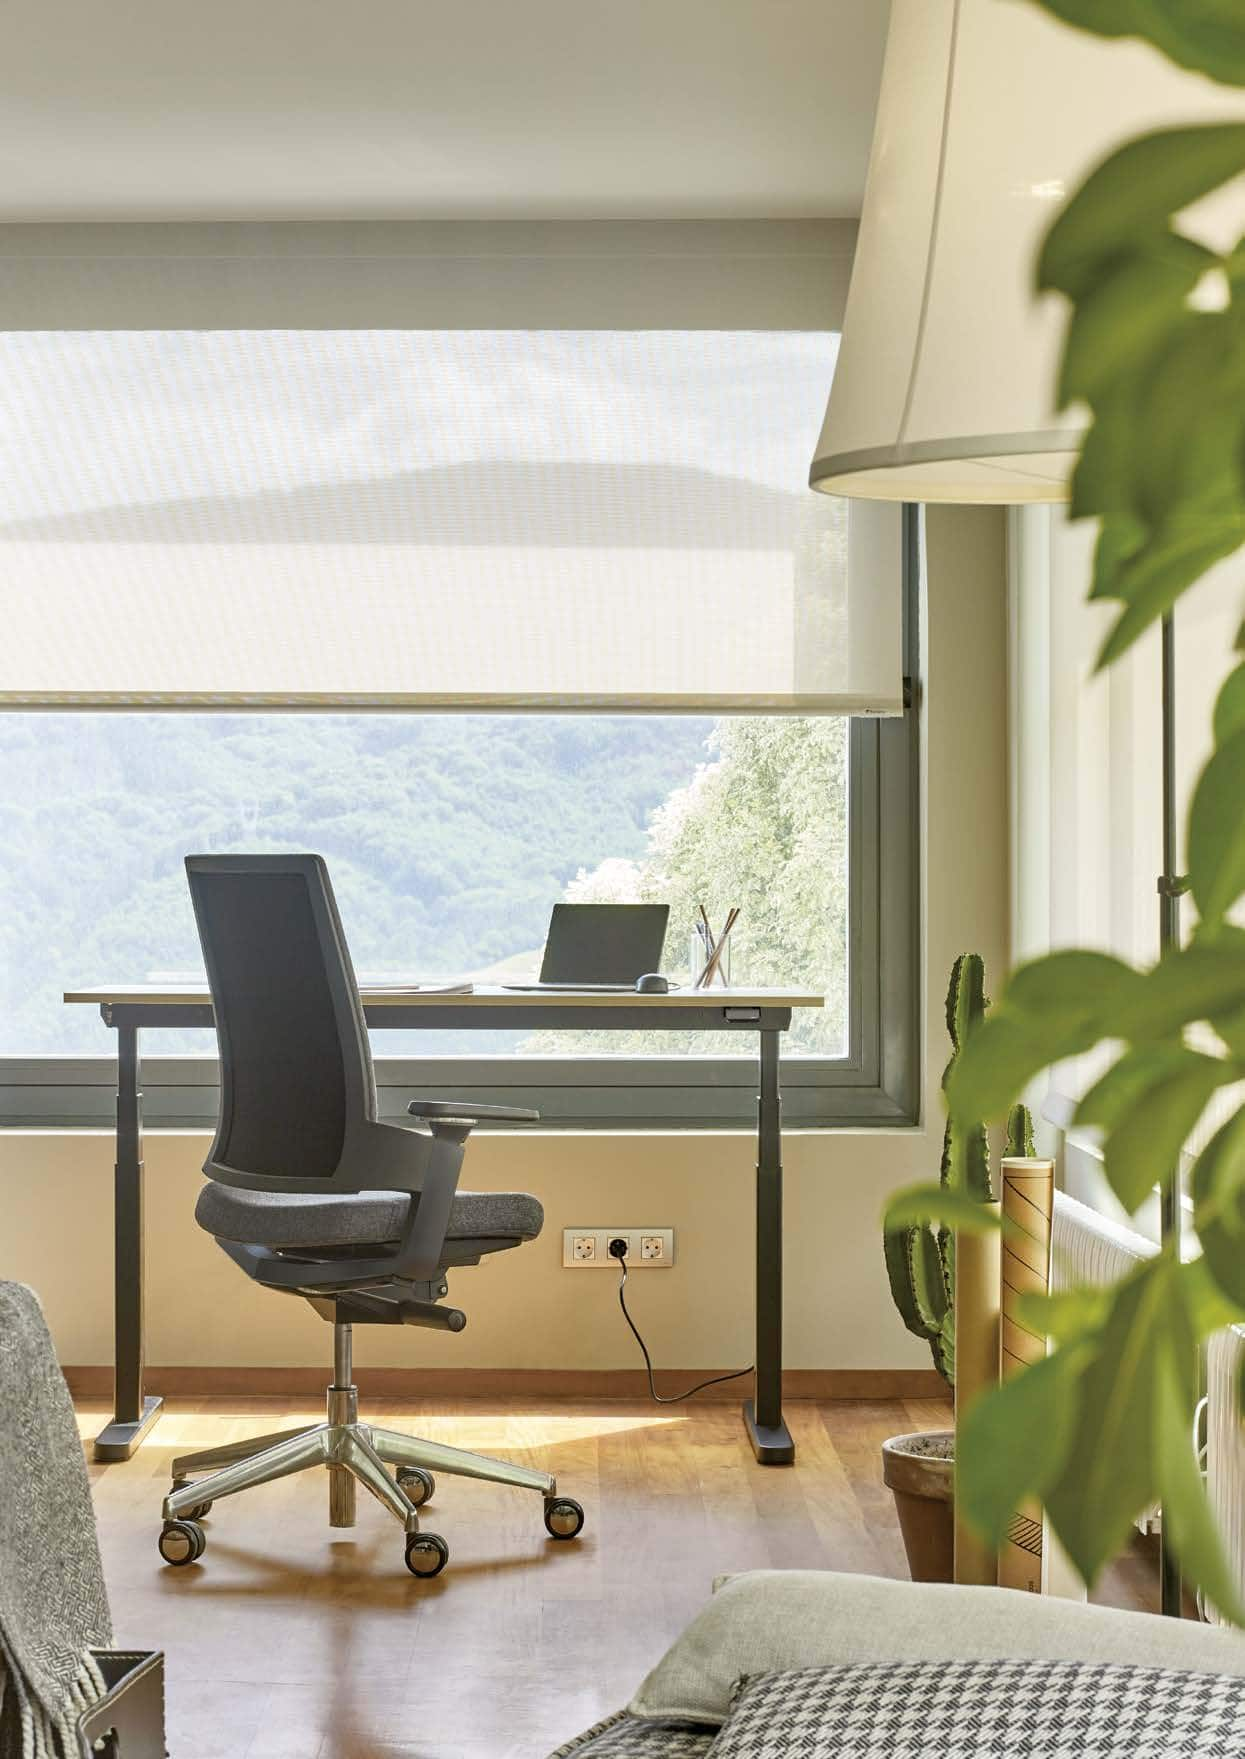 Home Office Mobimetal mobiliario muebles de oficina para casa para hogar para trabajar oficina en casa sillas oficina para casa sillas ergonomicas mesas oficina para casa barcelona